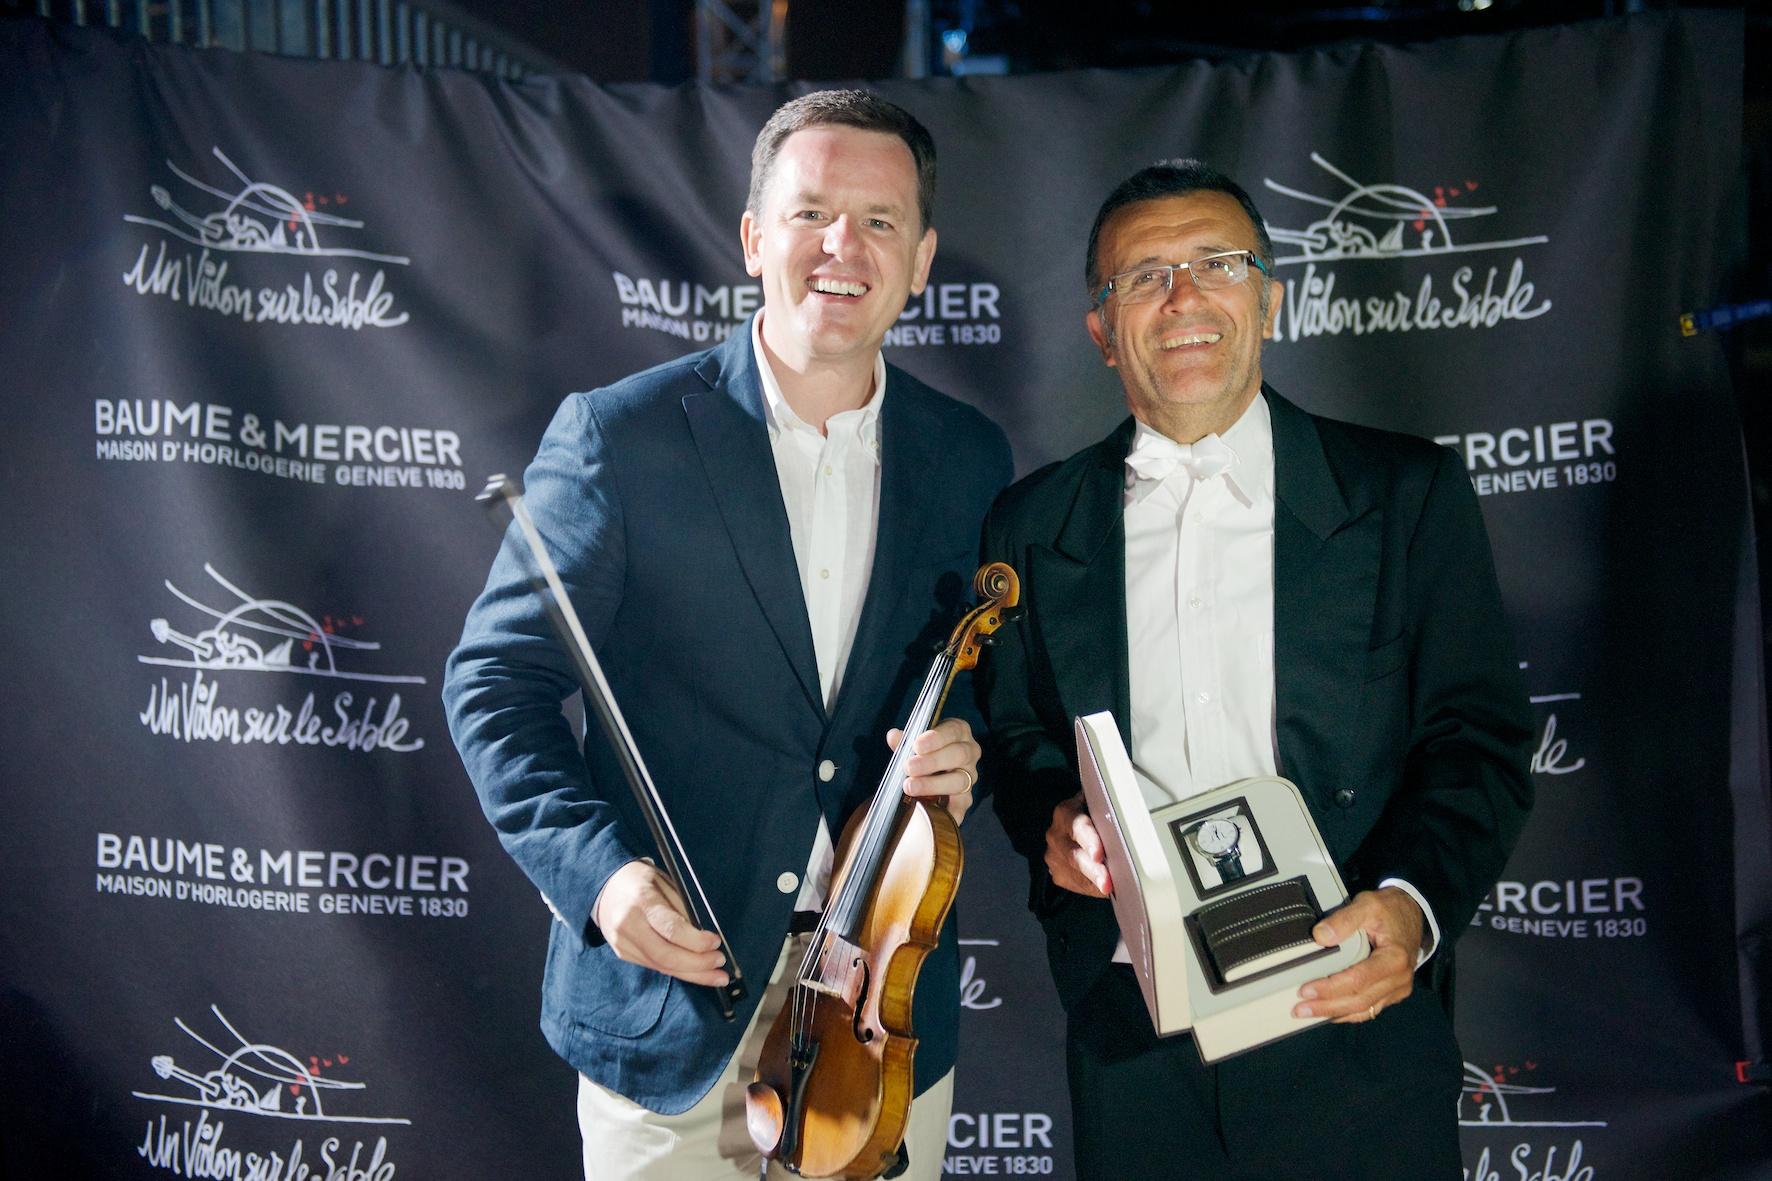 concert violon sur le sable, baume & mercier, royan 2012